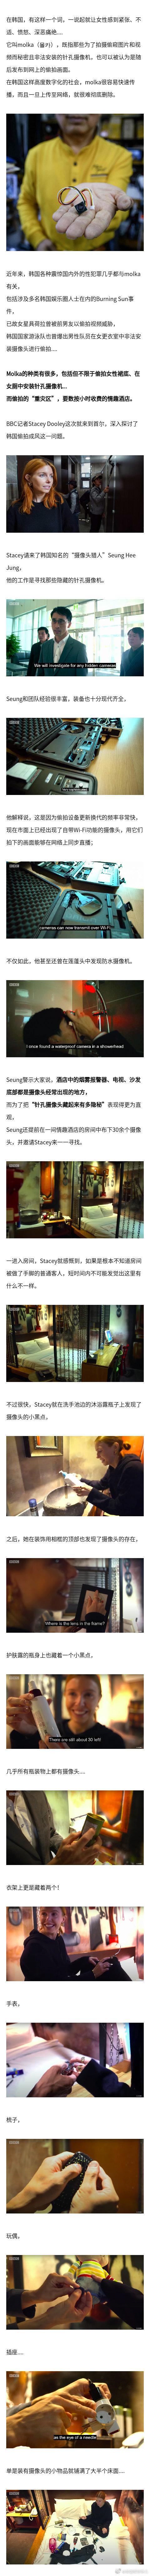 韩国情趣酒店中随随便便就藏下30个偷拍摄像头?